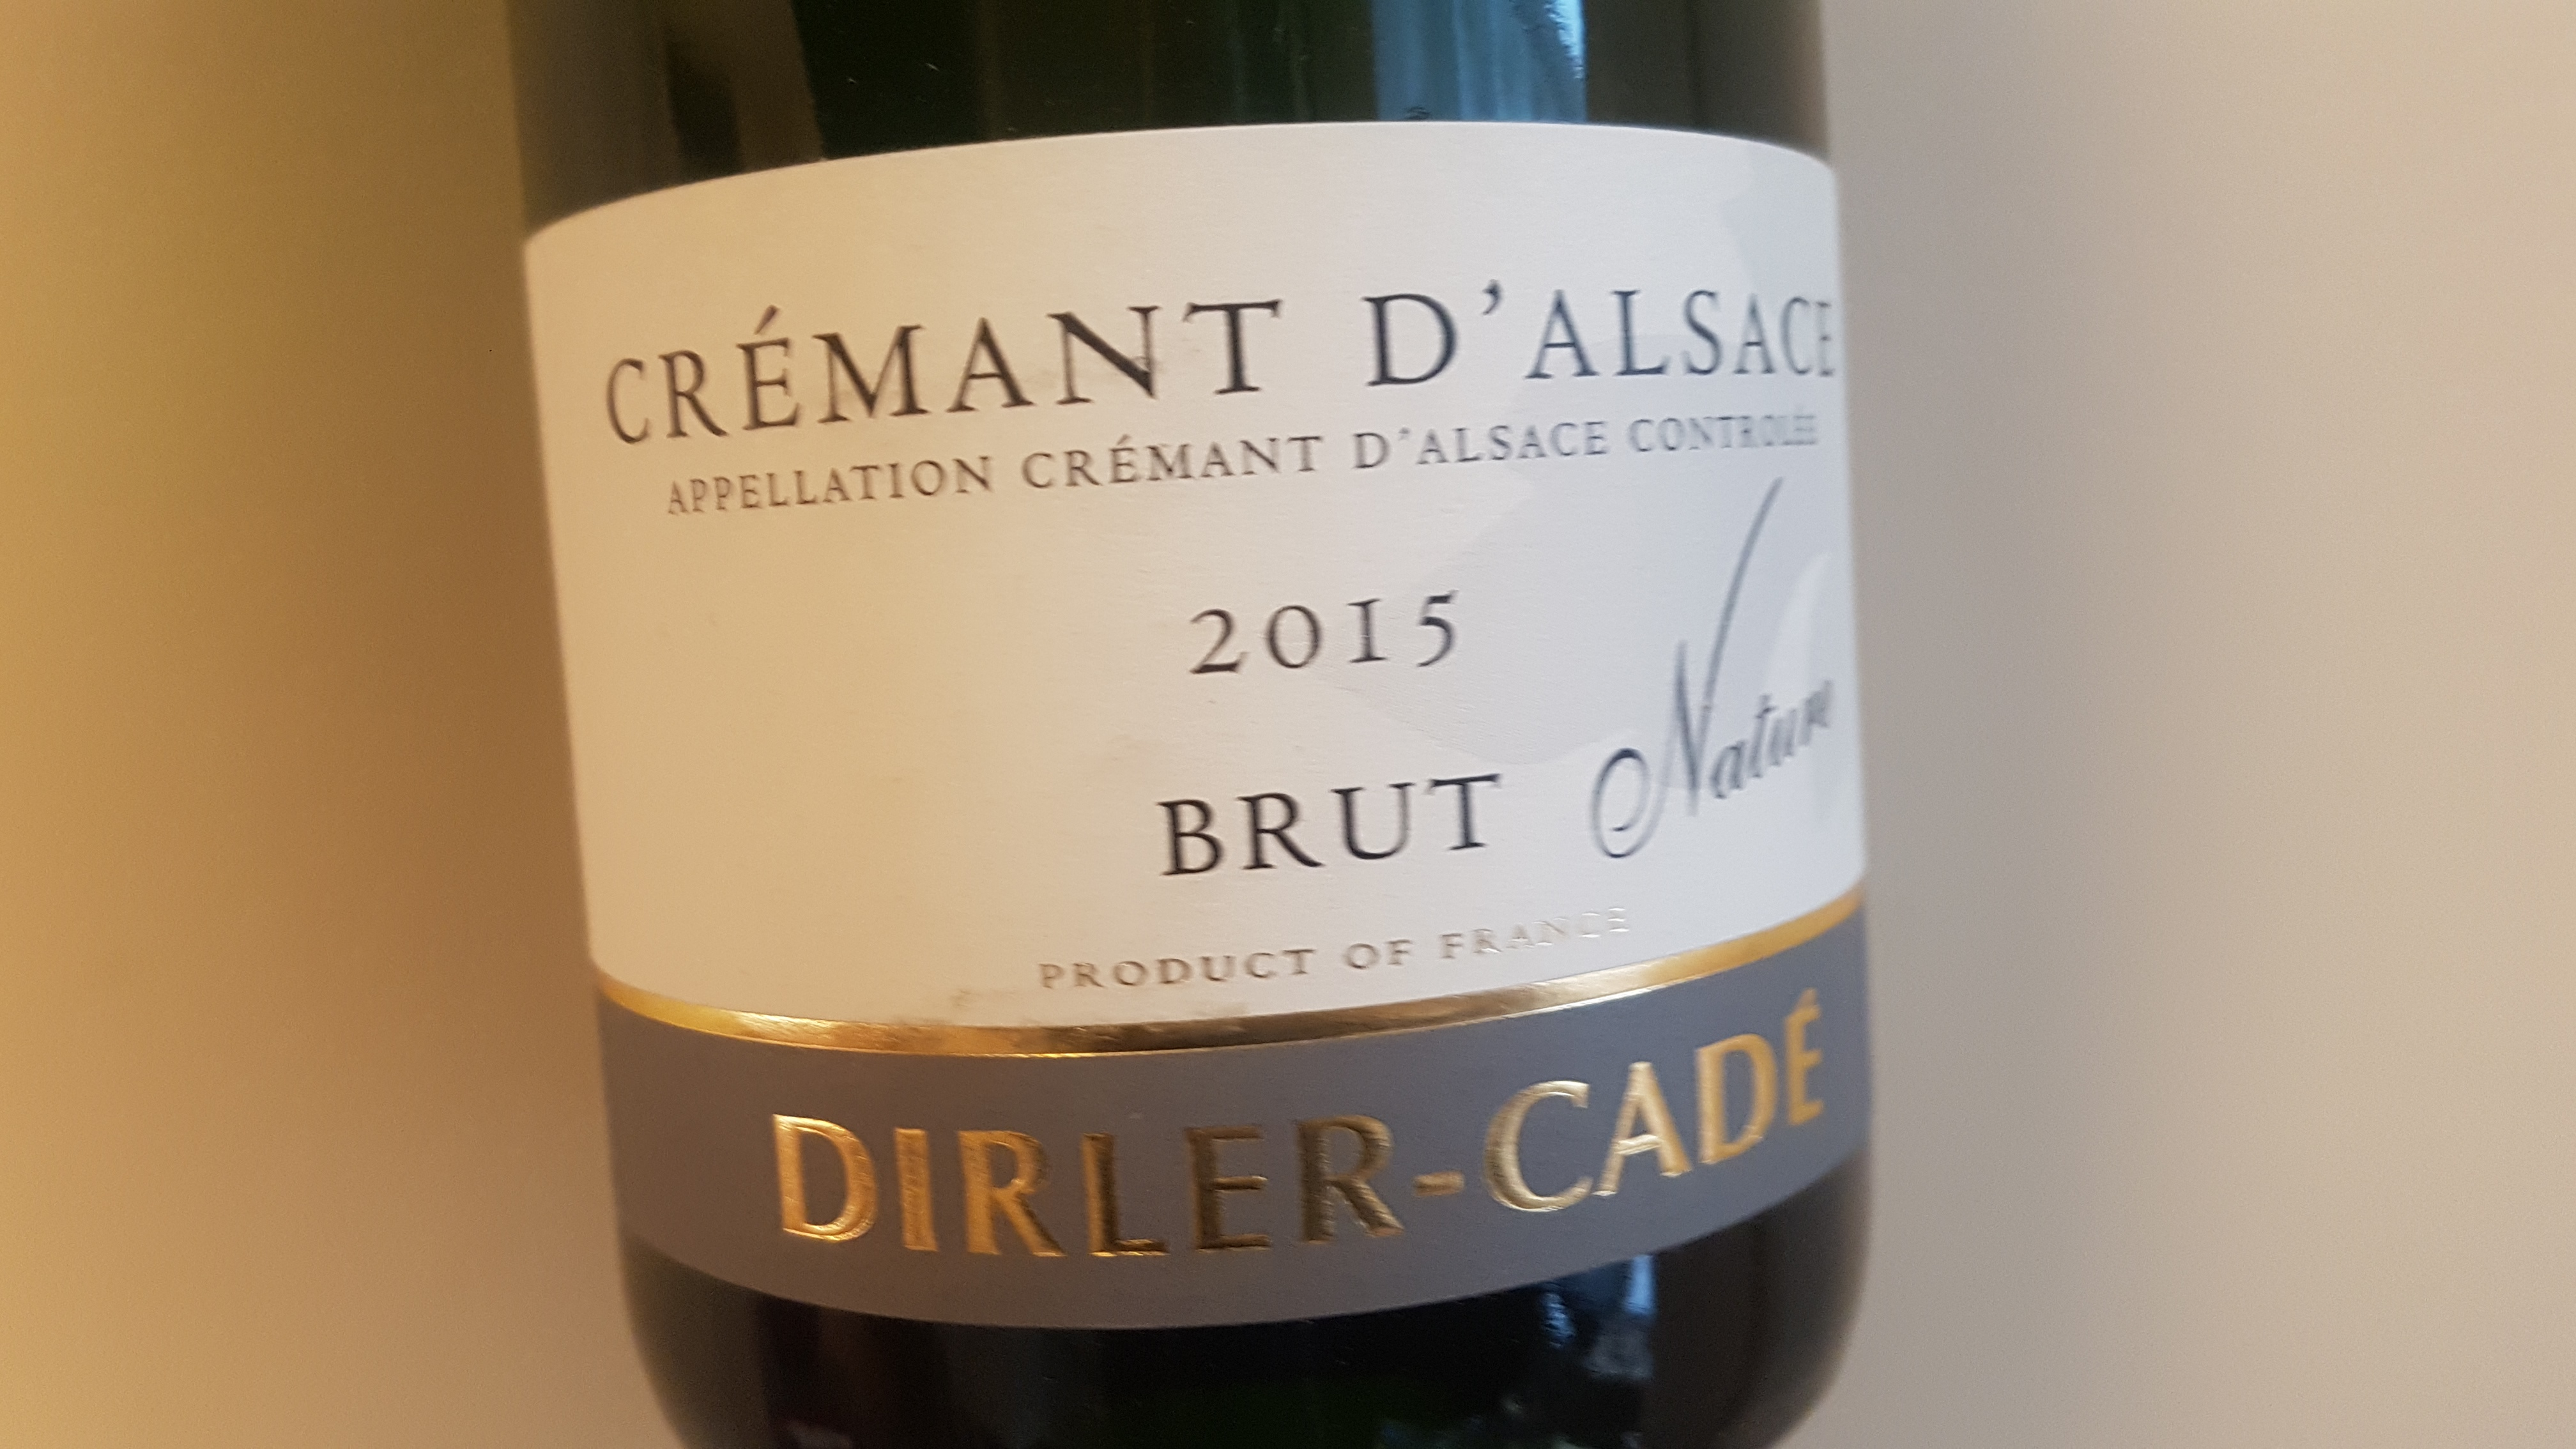 Dirler-Cadé Crémant d'Alsace Brut Nature 2015 – Alsace